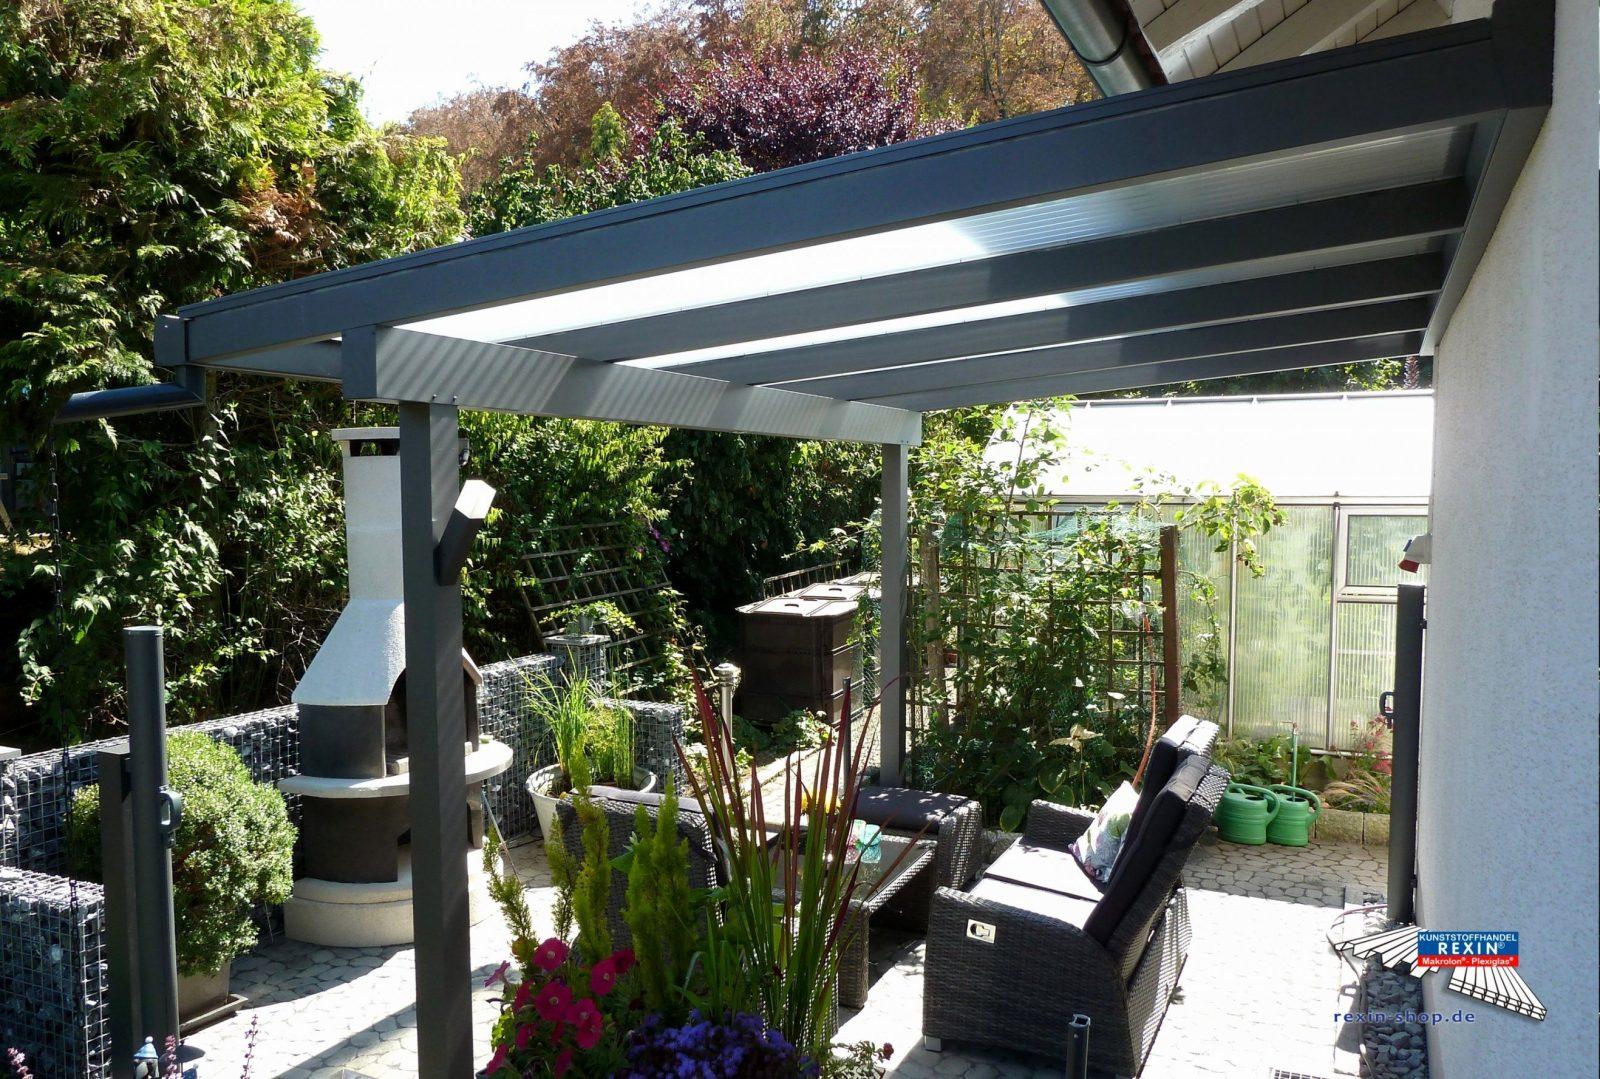 Sichtschutz Terrasse Bambus Luxus Sichtschutz Balkone 35 Neueste von Balkon Sichtschutz Bambus Ikea Bild